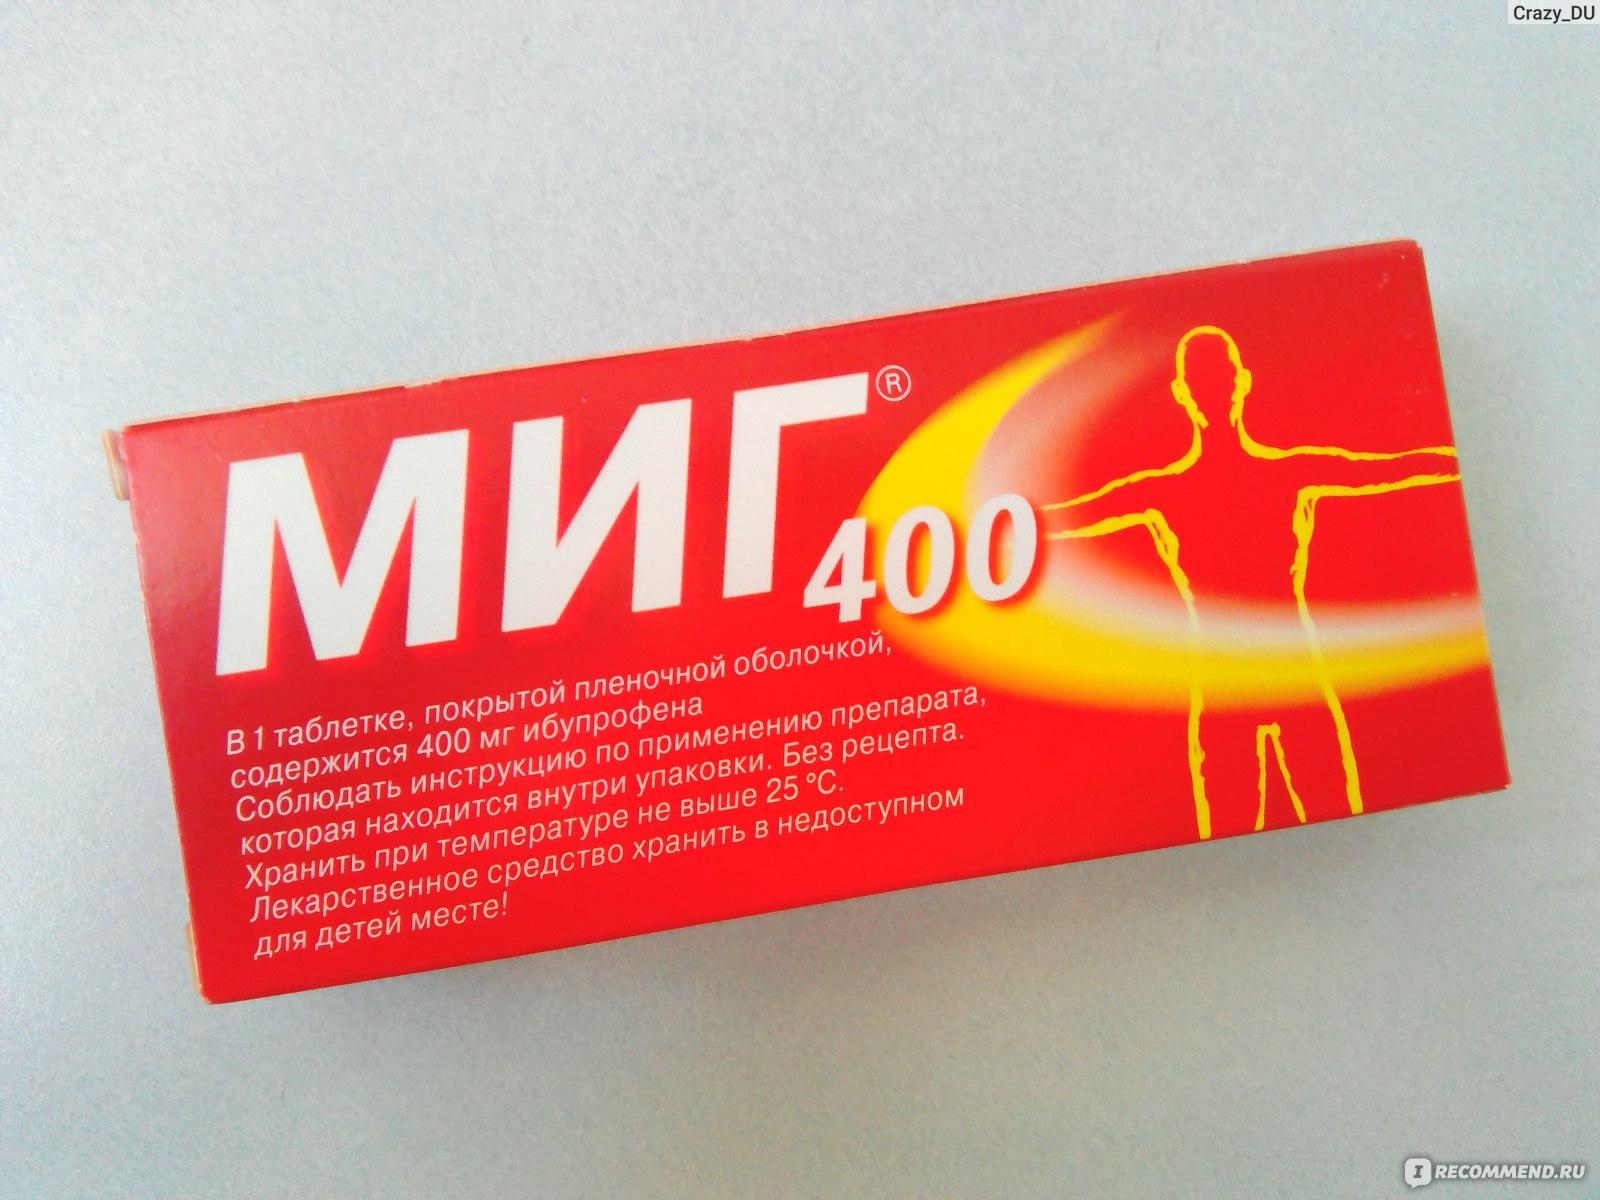 миг 400 инструкция по применению для детей